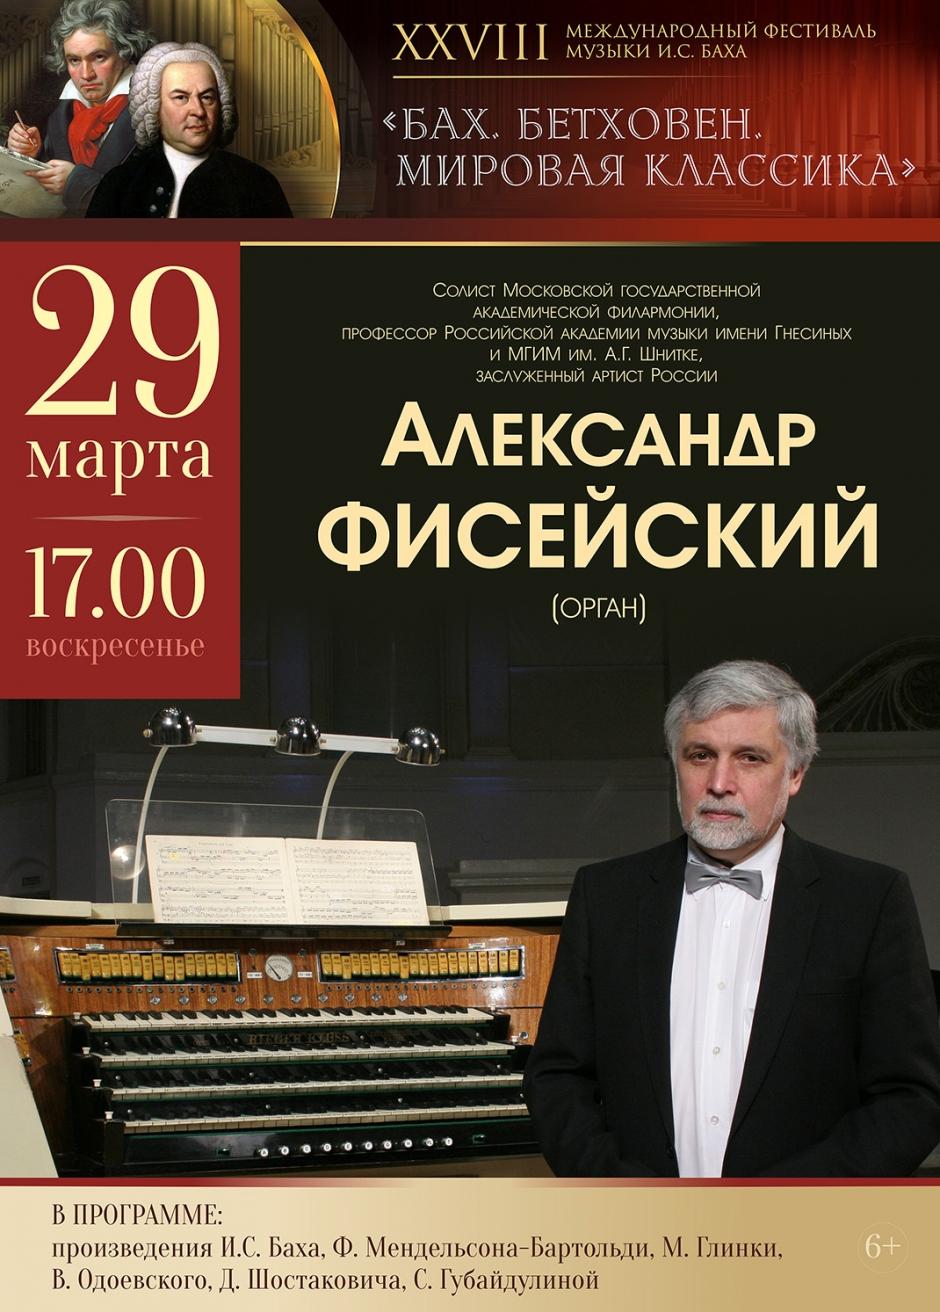 Тверская филармония приглашает на вечер органной музыки